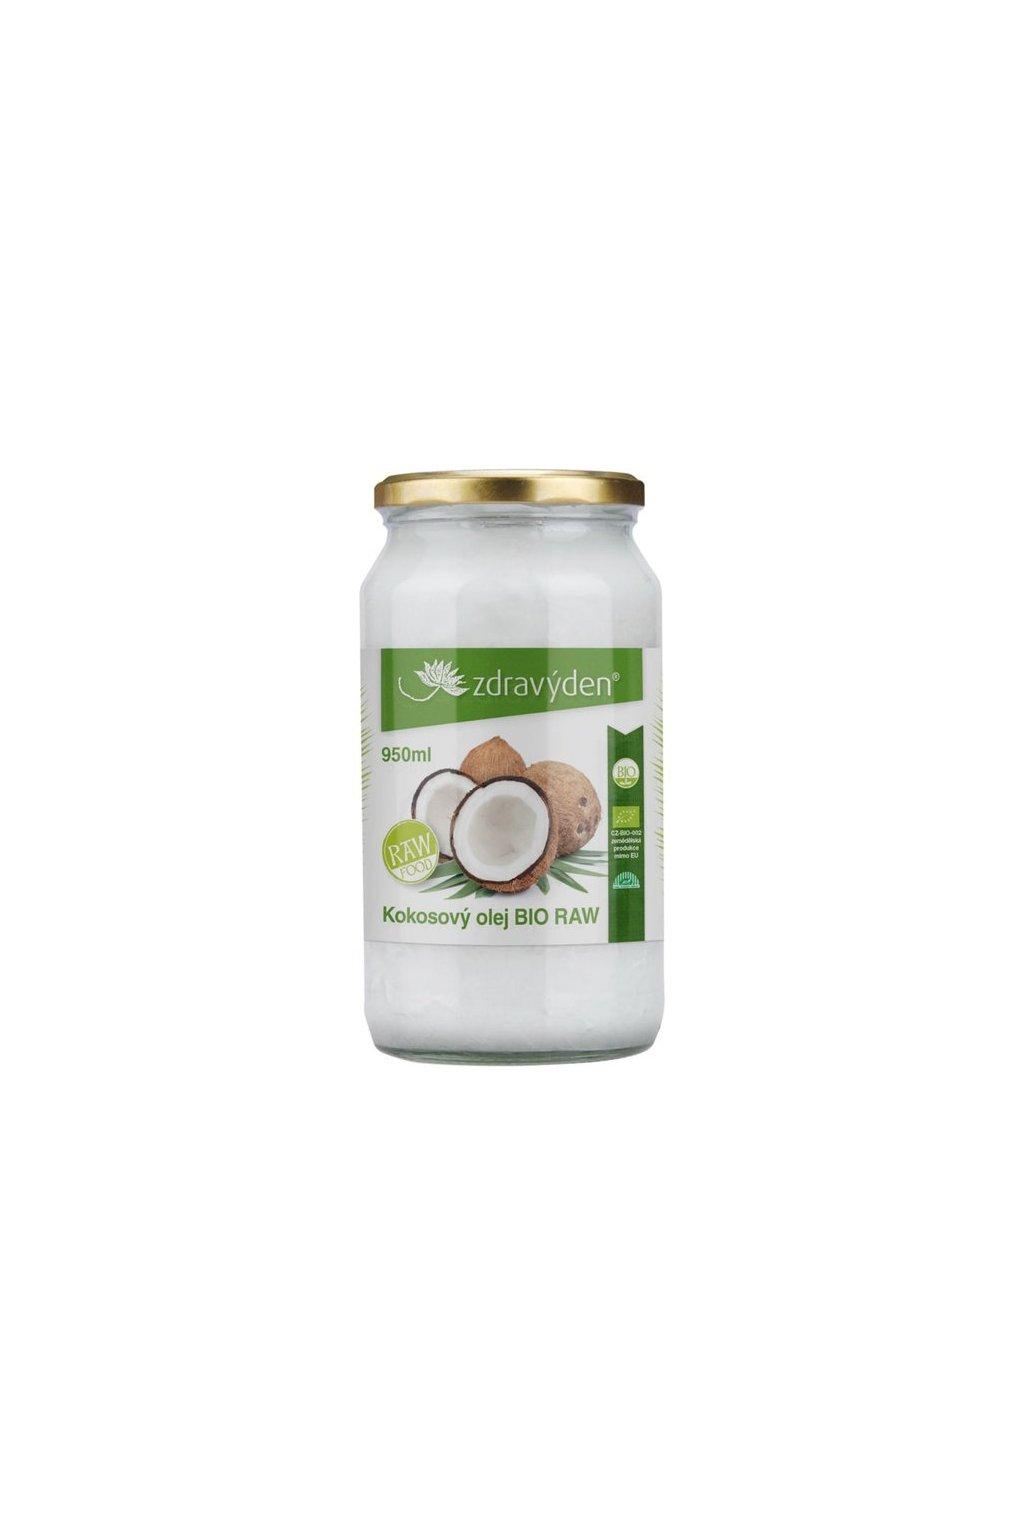 kokosovy olej bio raw 95